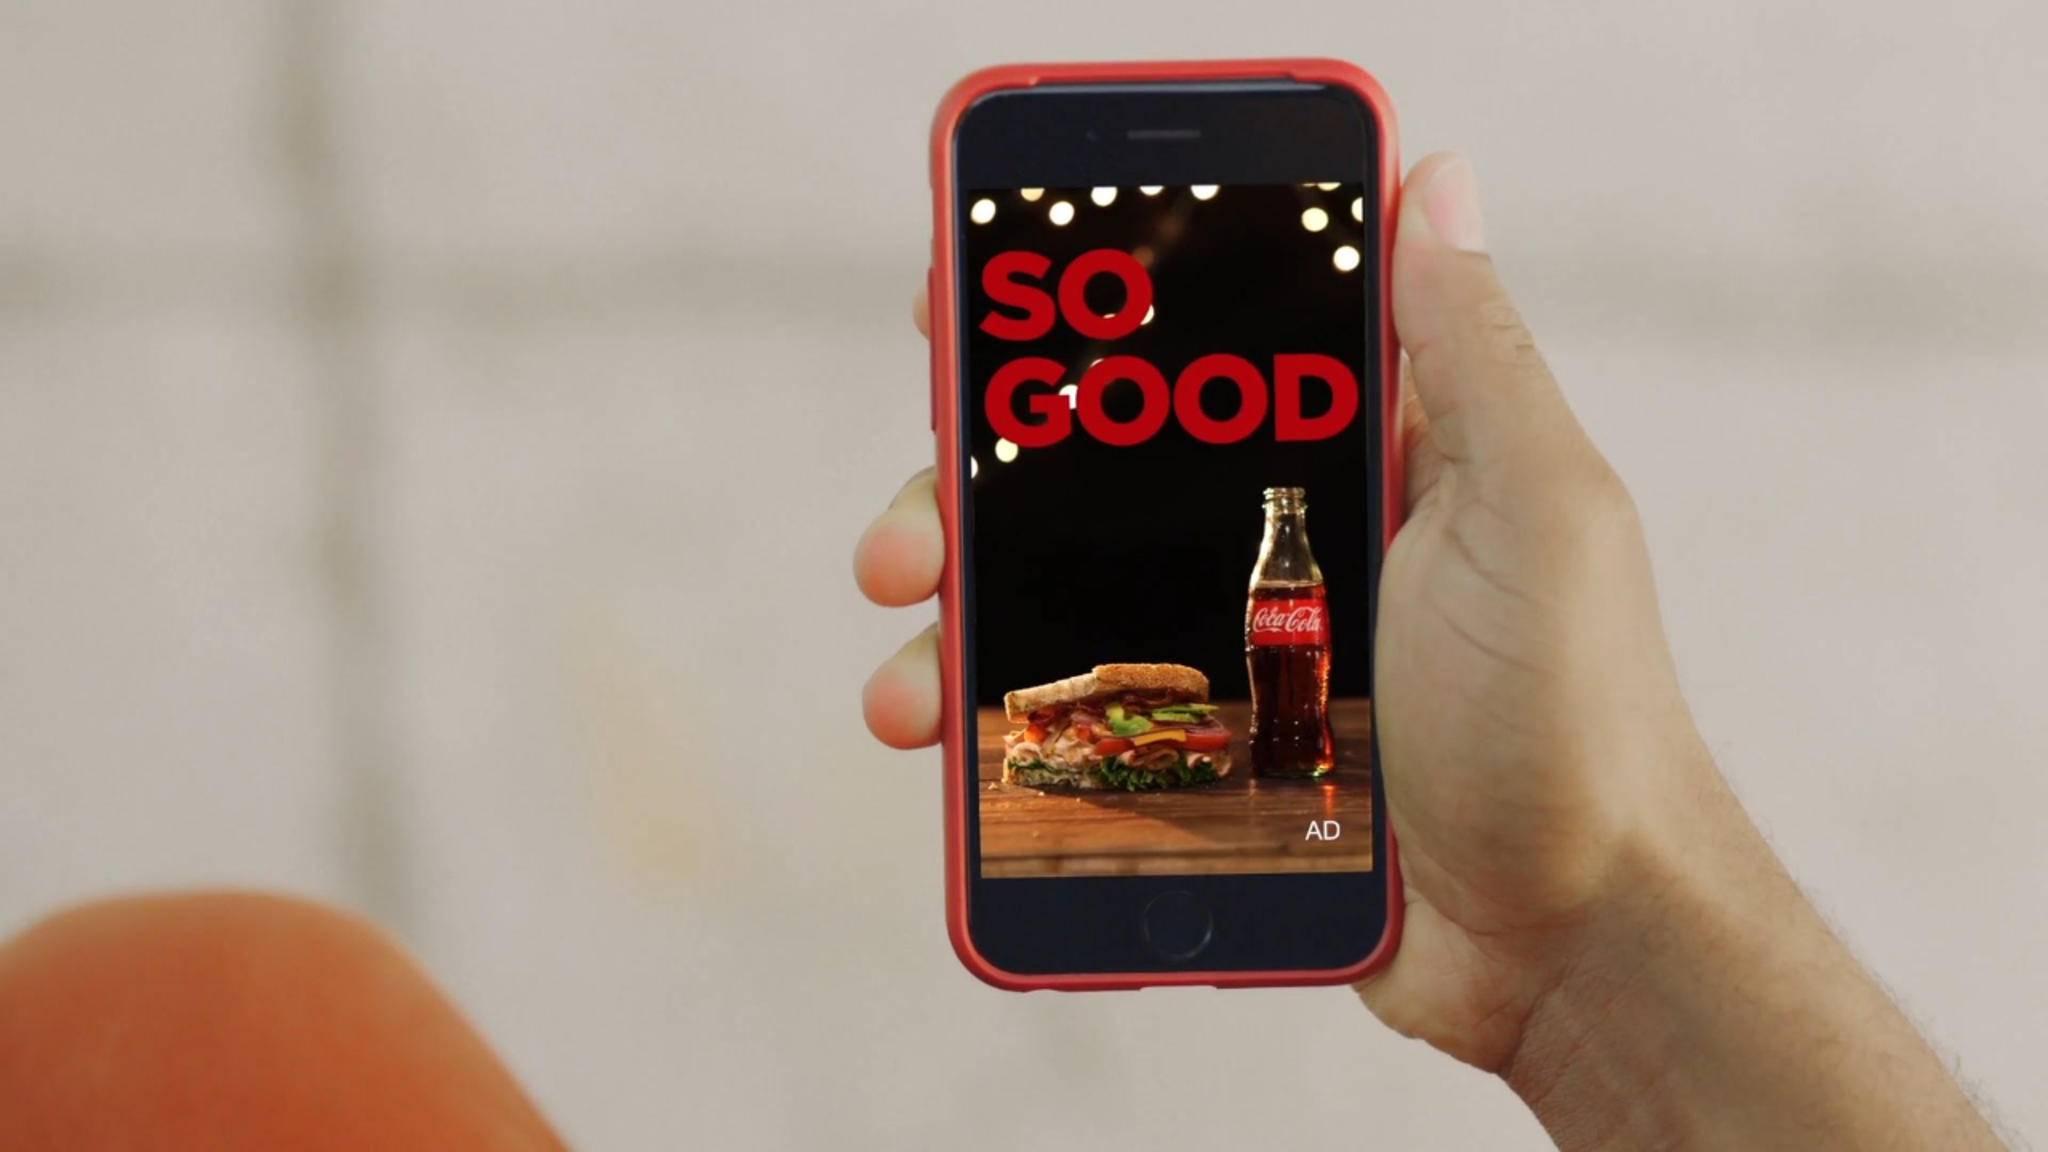 Wenn die Kamera streikt, hat Snapchat natürlich ein großes Problem.